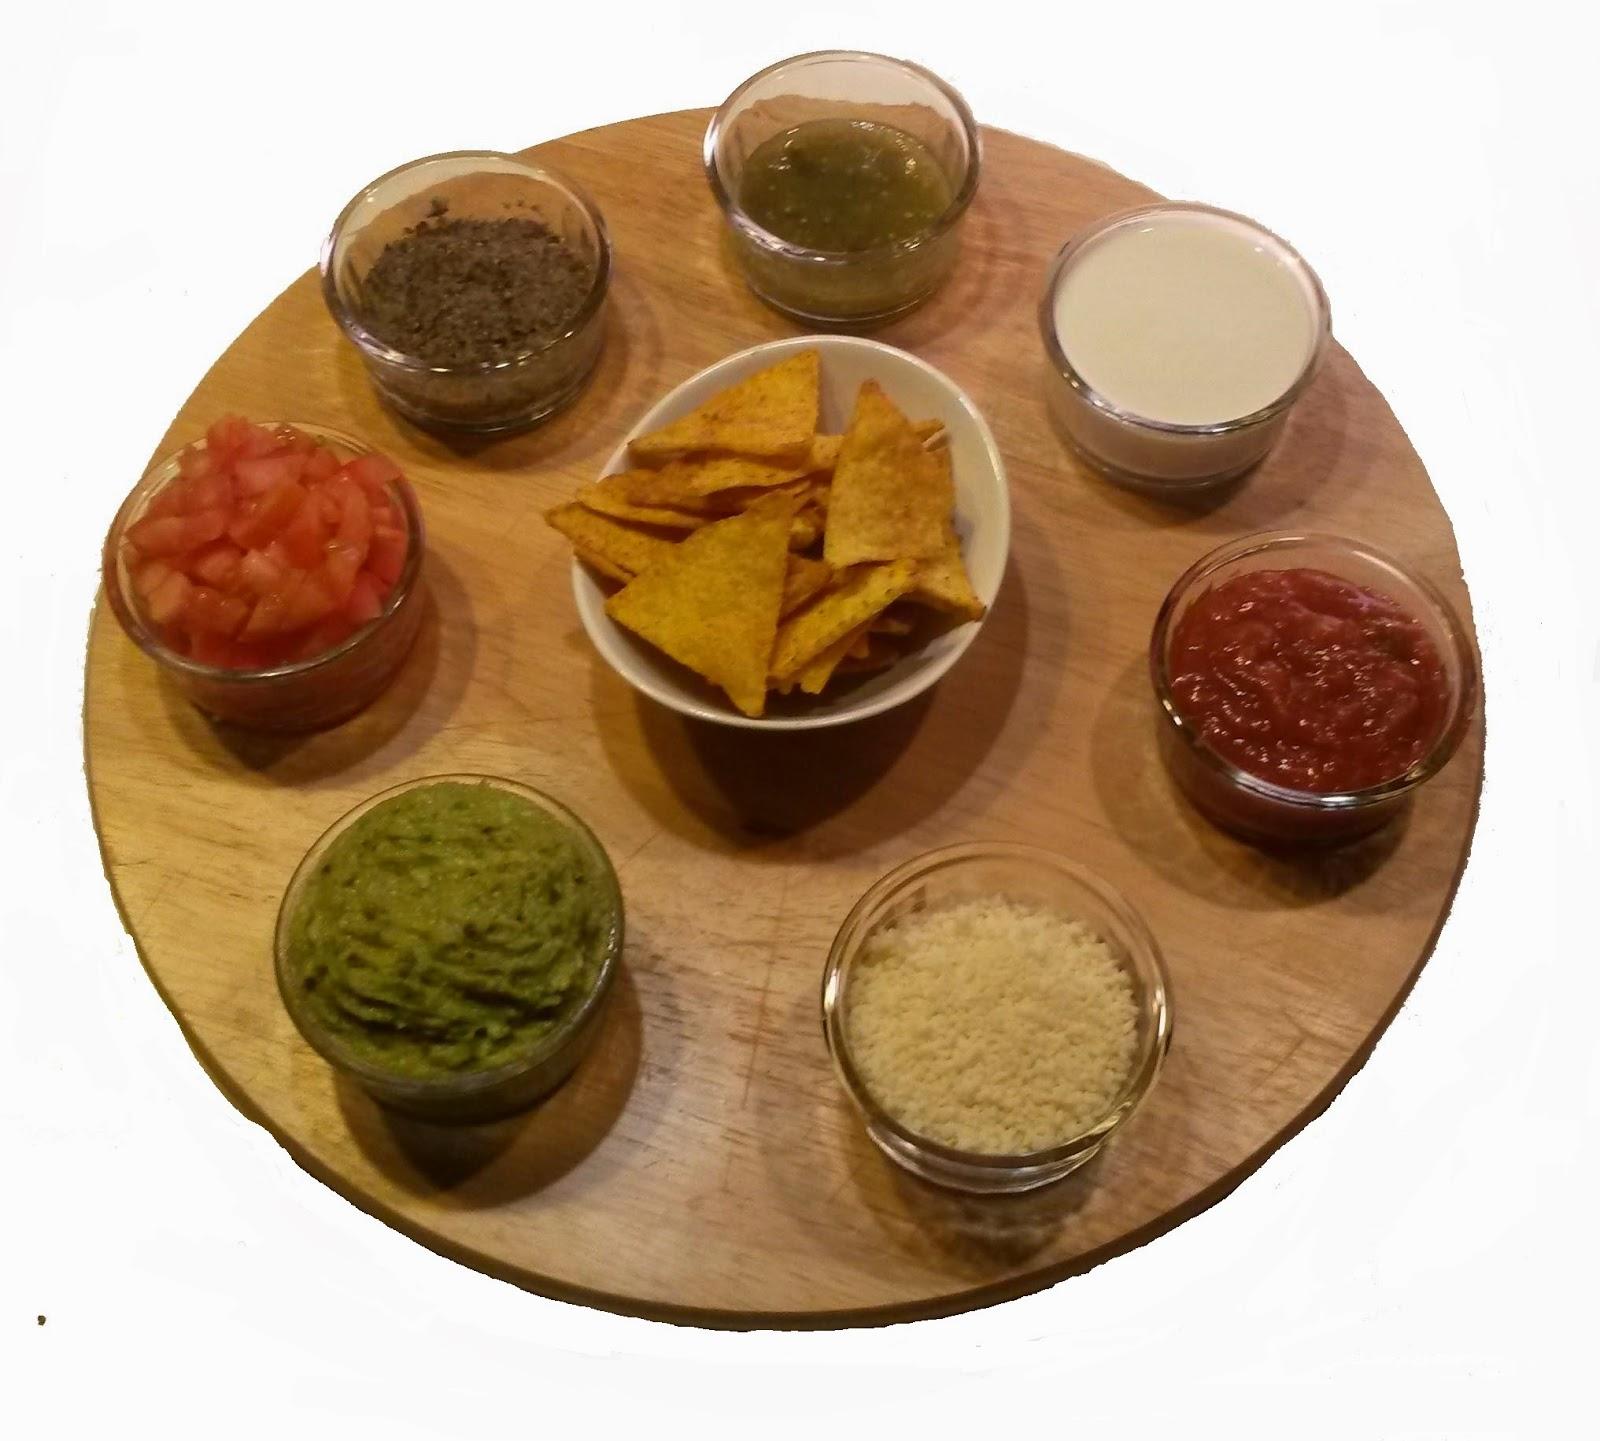 Les mille et une recettes de cuisine tortillas de wraps - Cuisine mexicaine tortillas ...